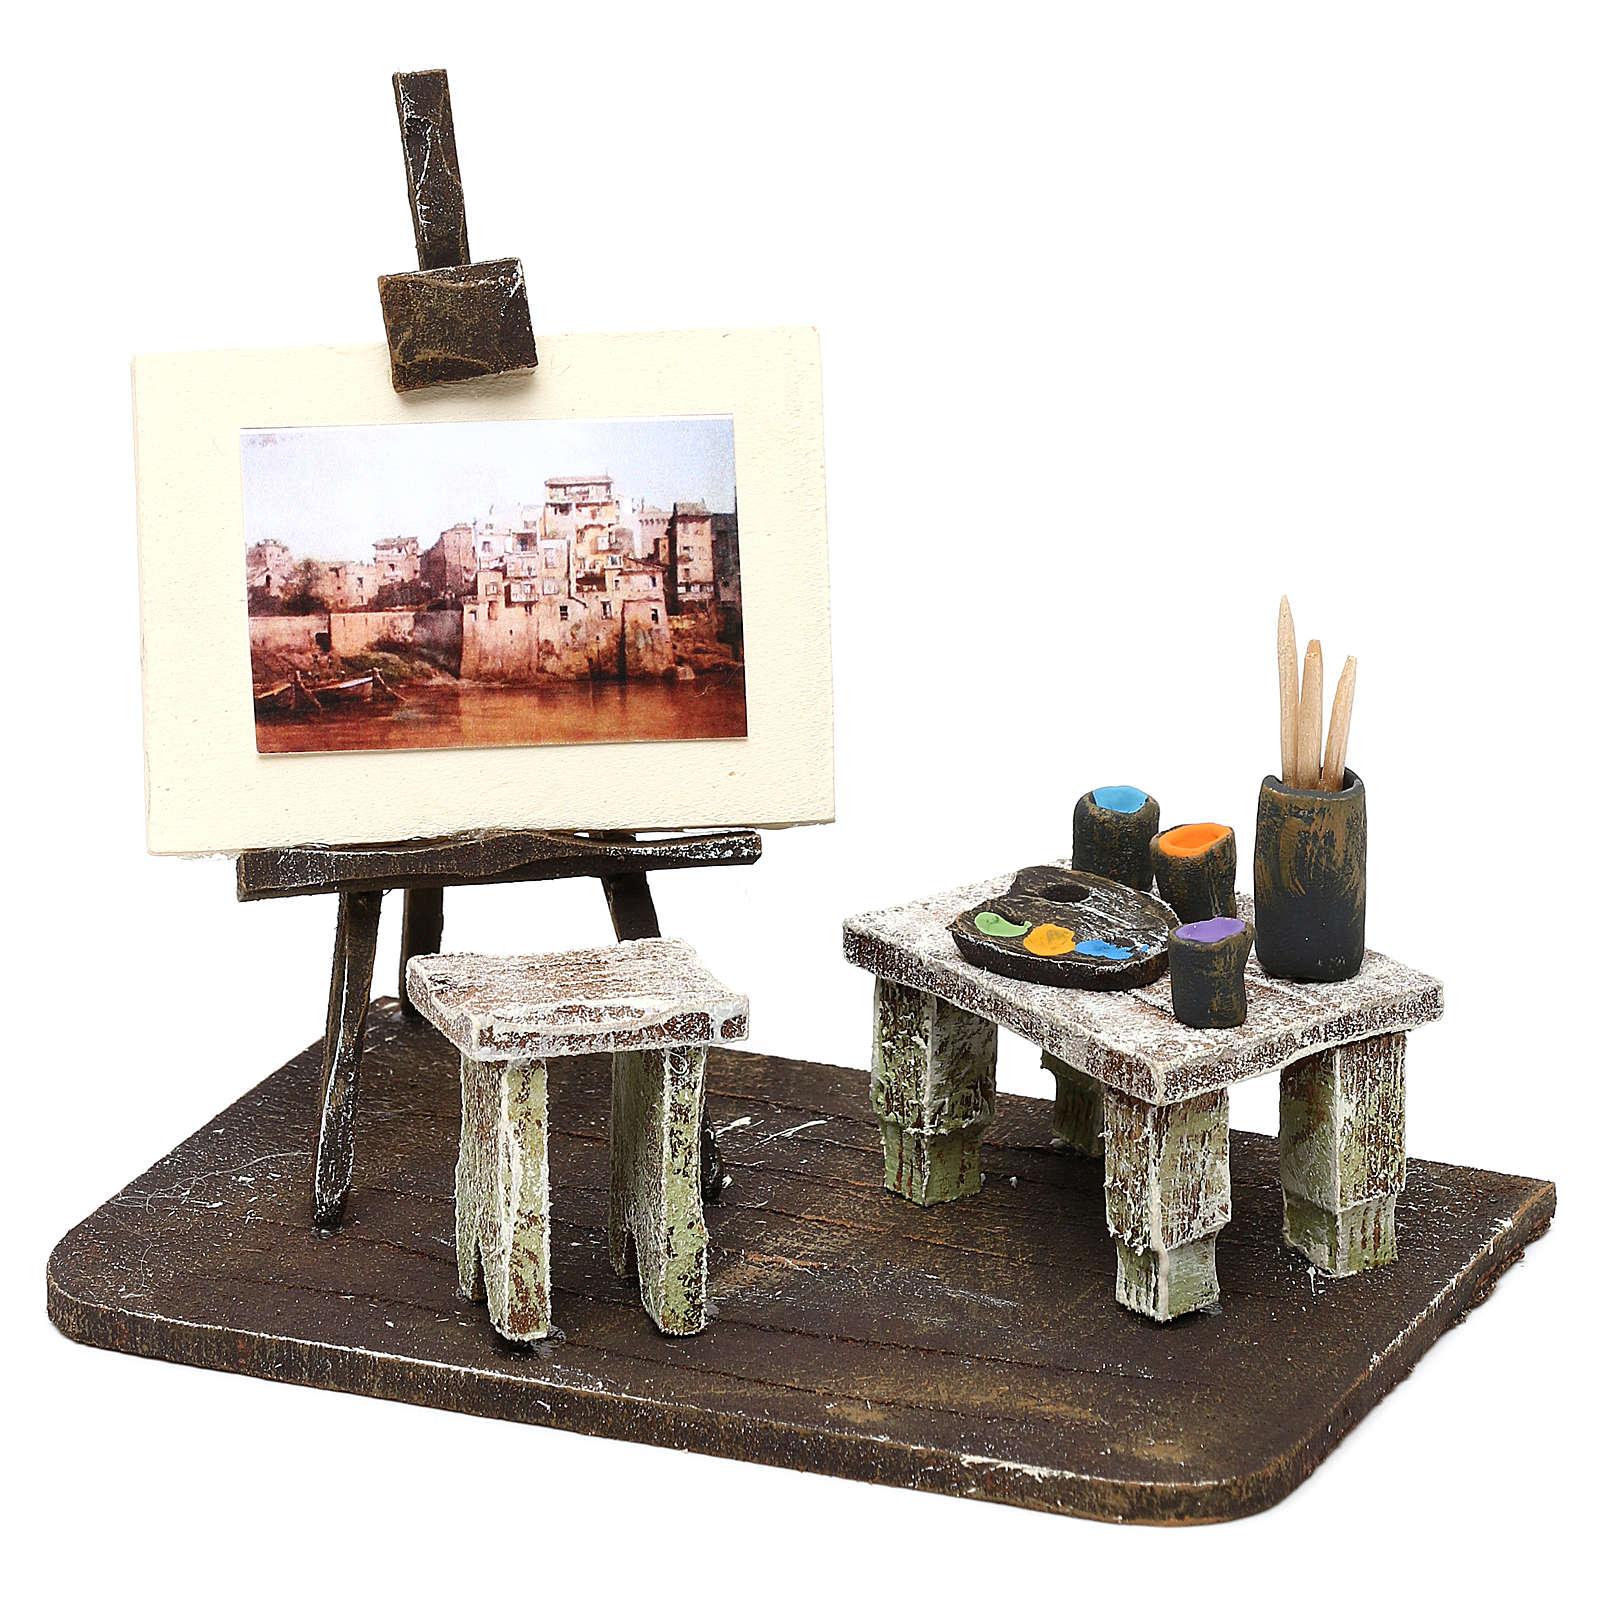 Painter's workshop in resin Nativity Scene 12 cm 10x15x10 cm 4